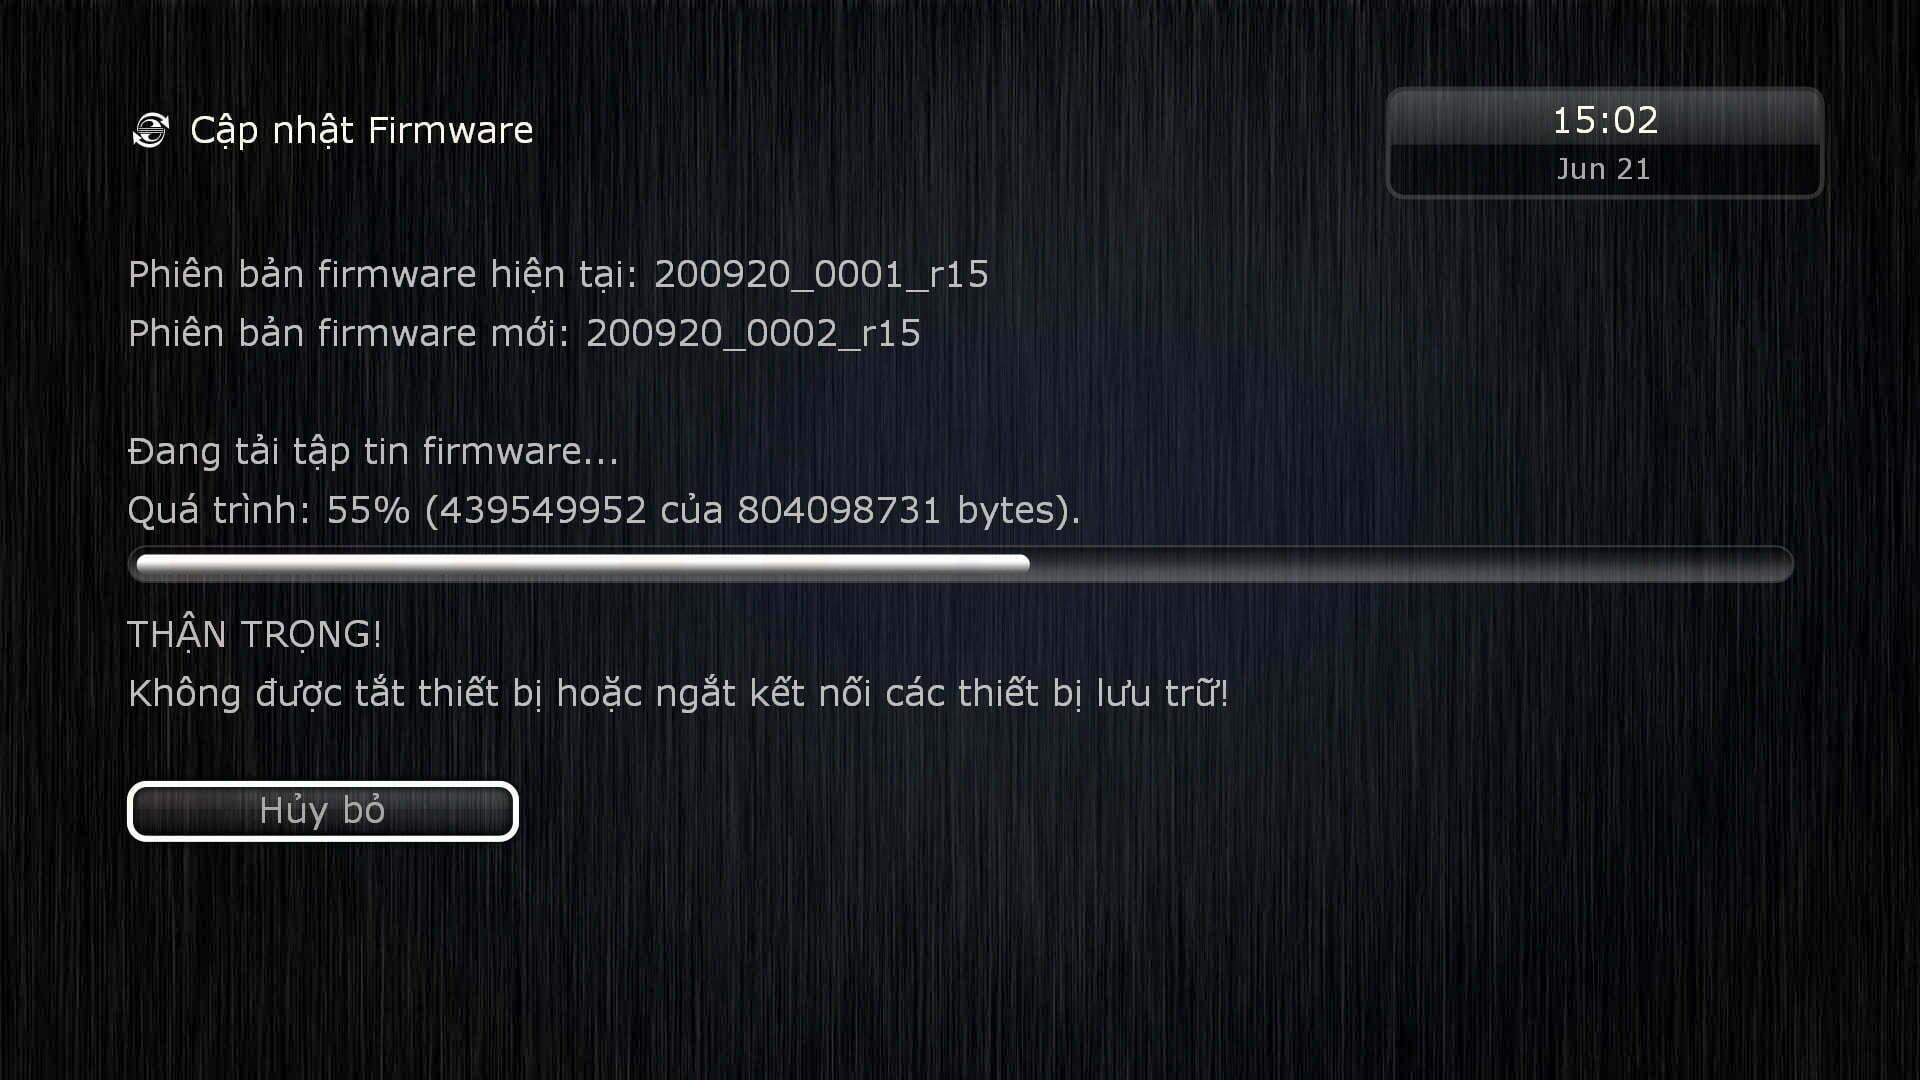 Cập nhật firmware sửa lỗi NETFLIX 5.1 / Dolby Atmos trên Dune HD Pro 4K II   HDnew - Chia sẻ đam mê